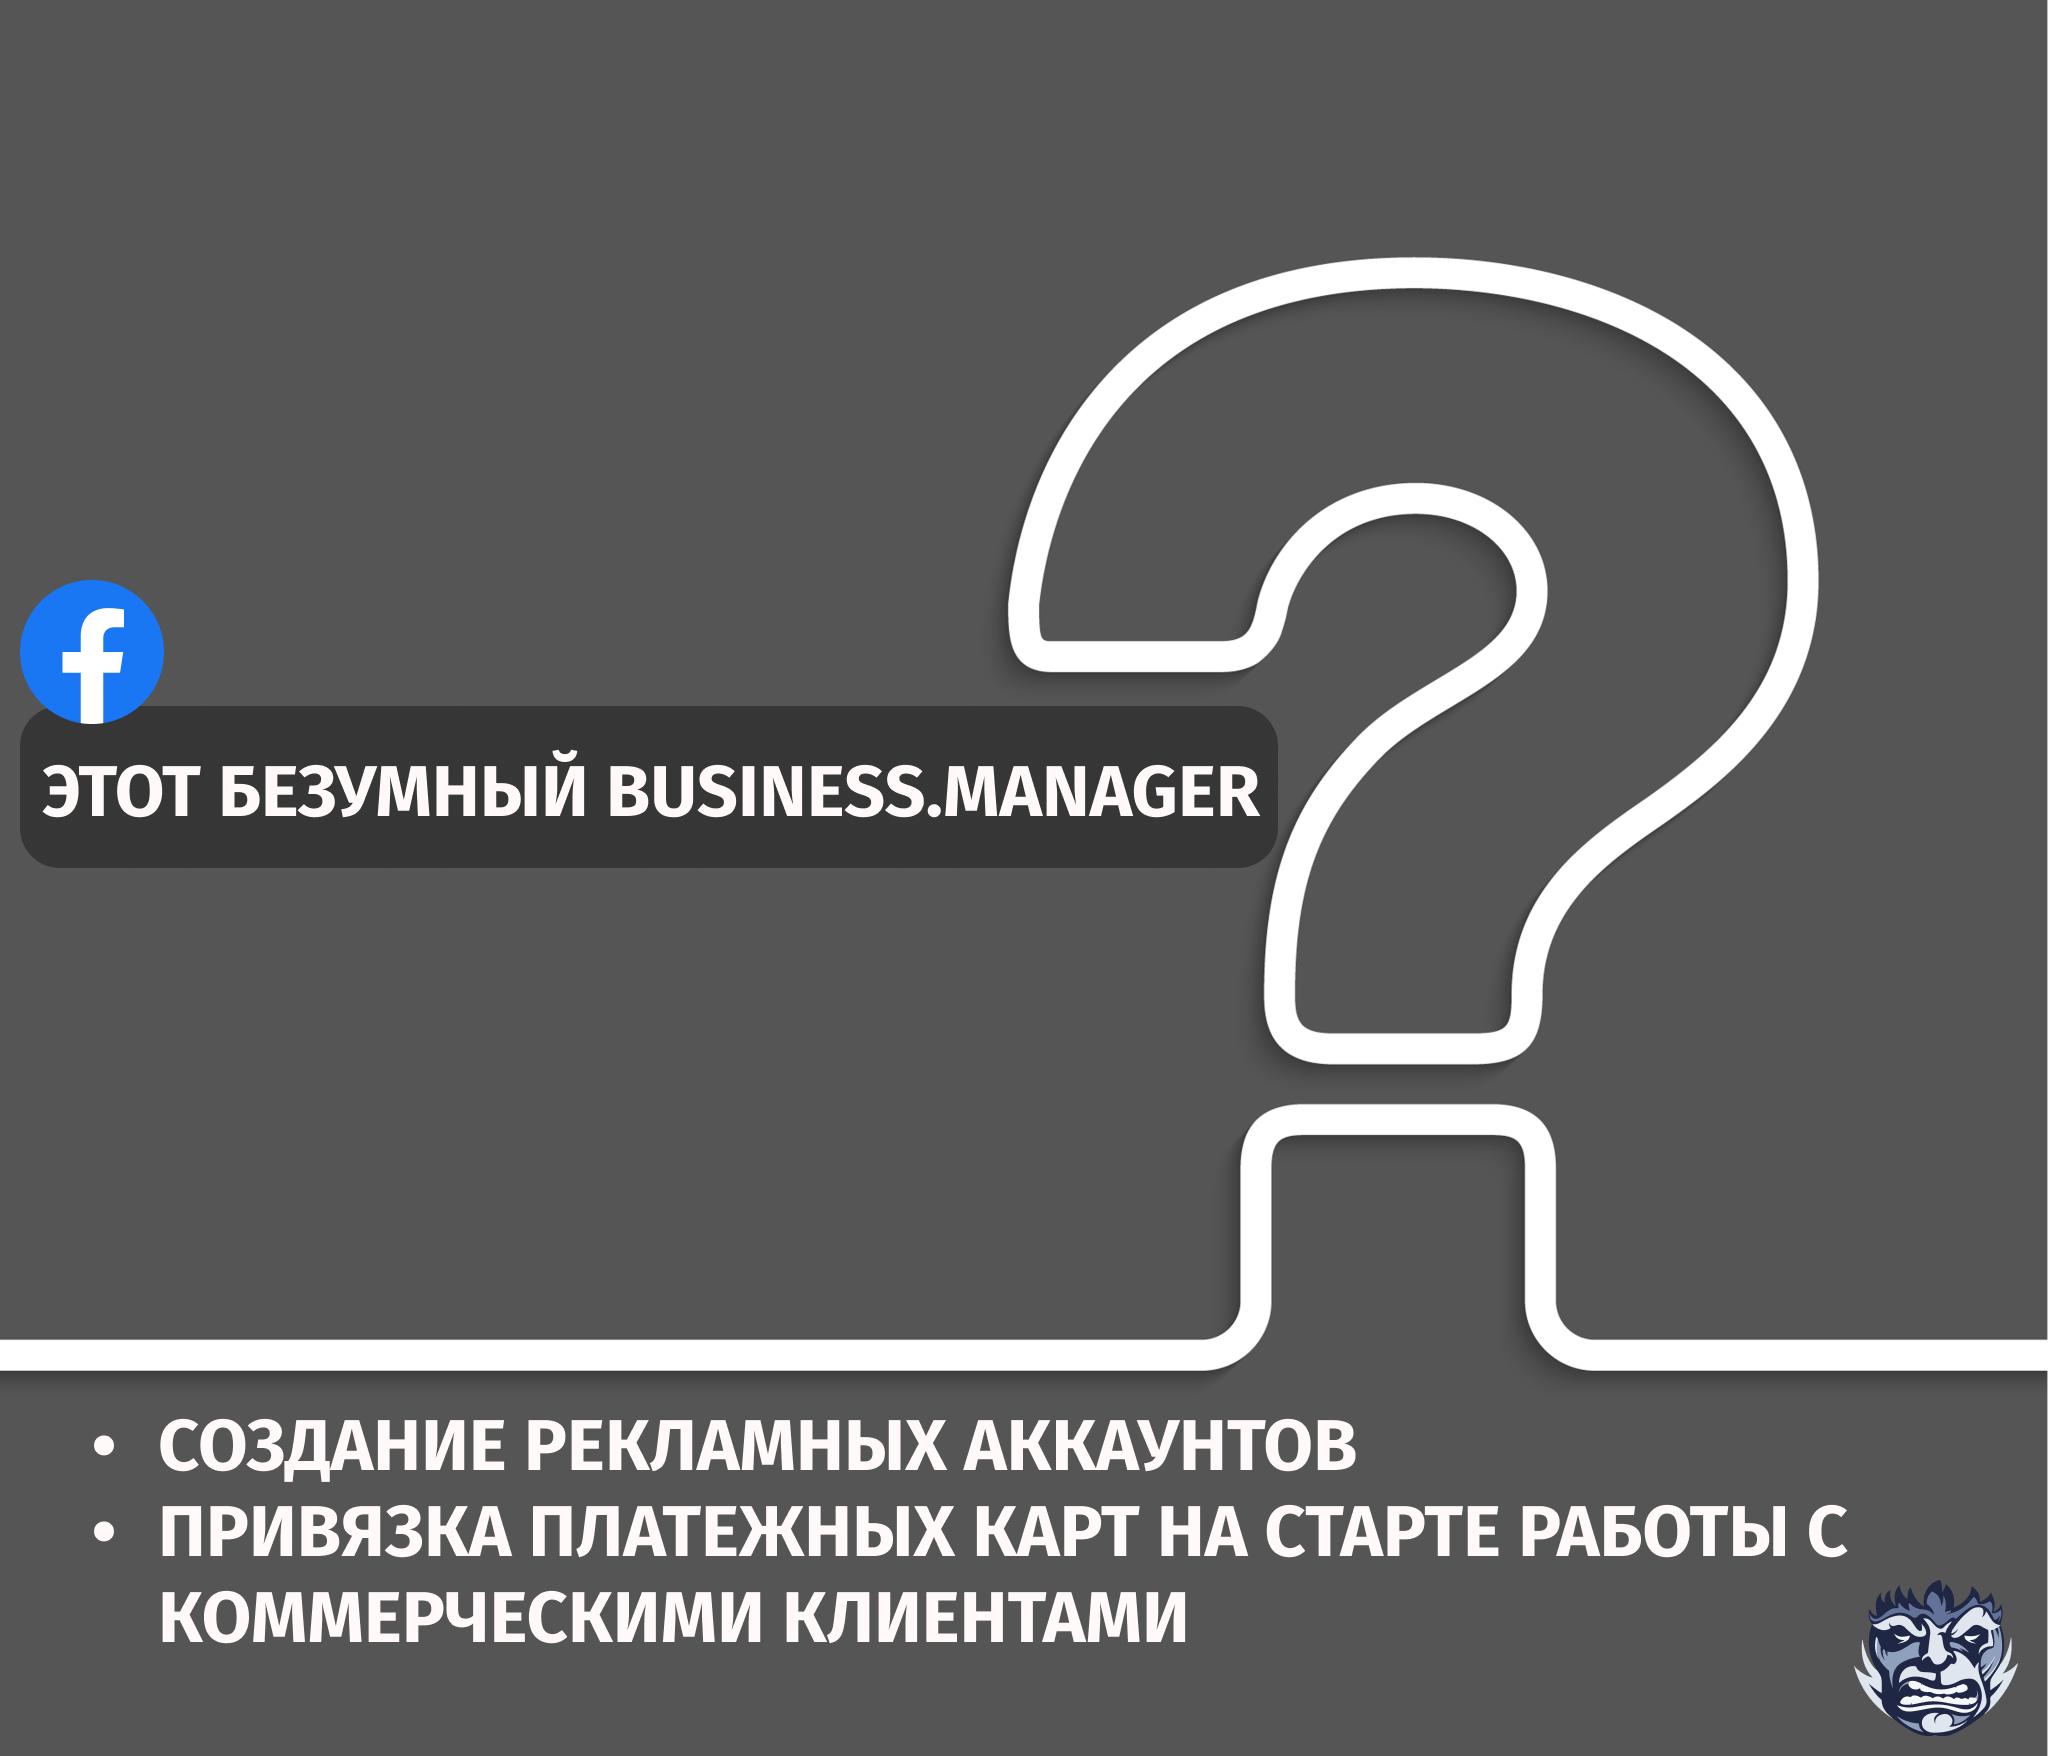 Этот безумный Business.Manager: ответы на часто задаваемые вопросы по созданию рекламных аккаунтов и привязке платежных карт в Facebook на старте работы с коммерческими клиентами